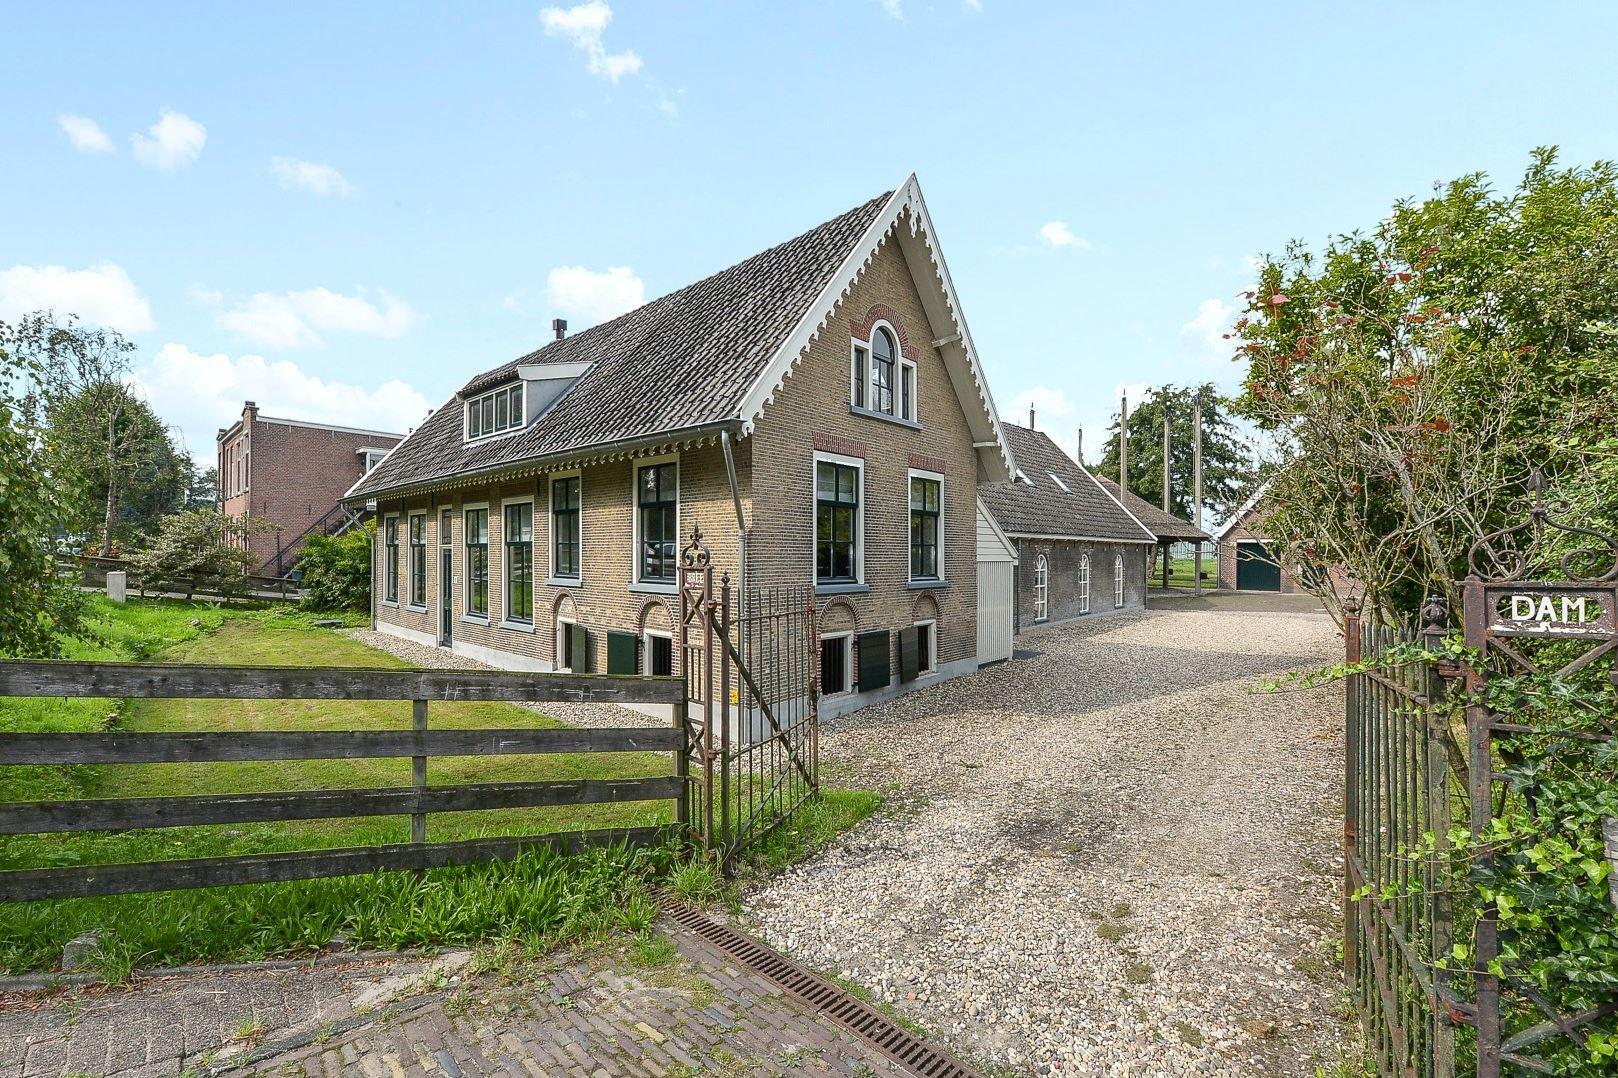 Huis te koop haantje 11 2288 cv rijswijk funda for Funda den haag koop